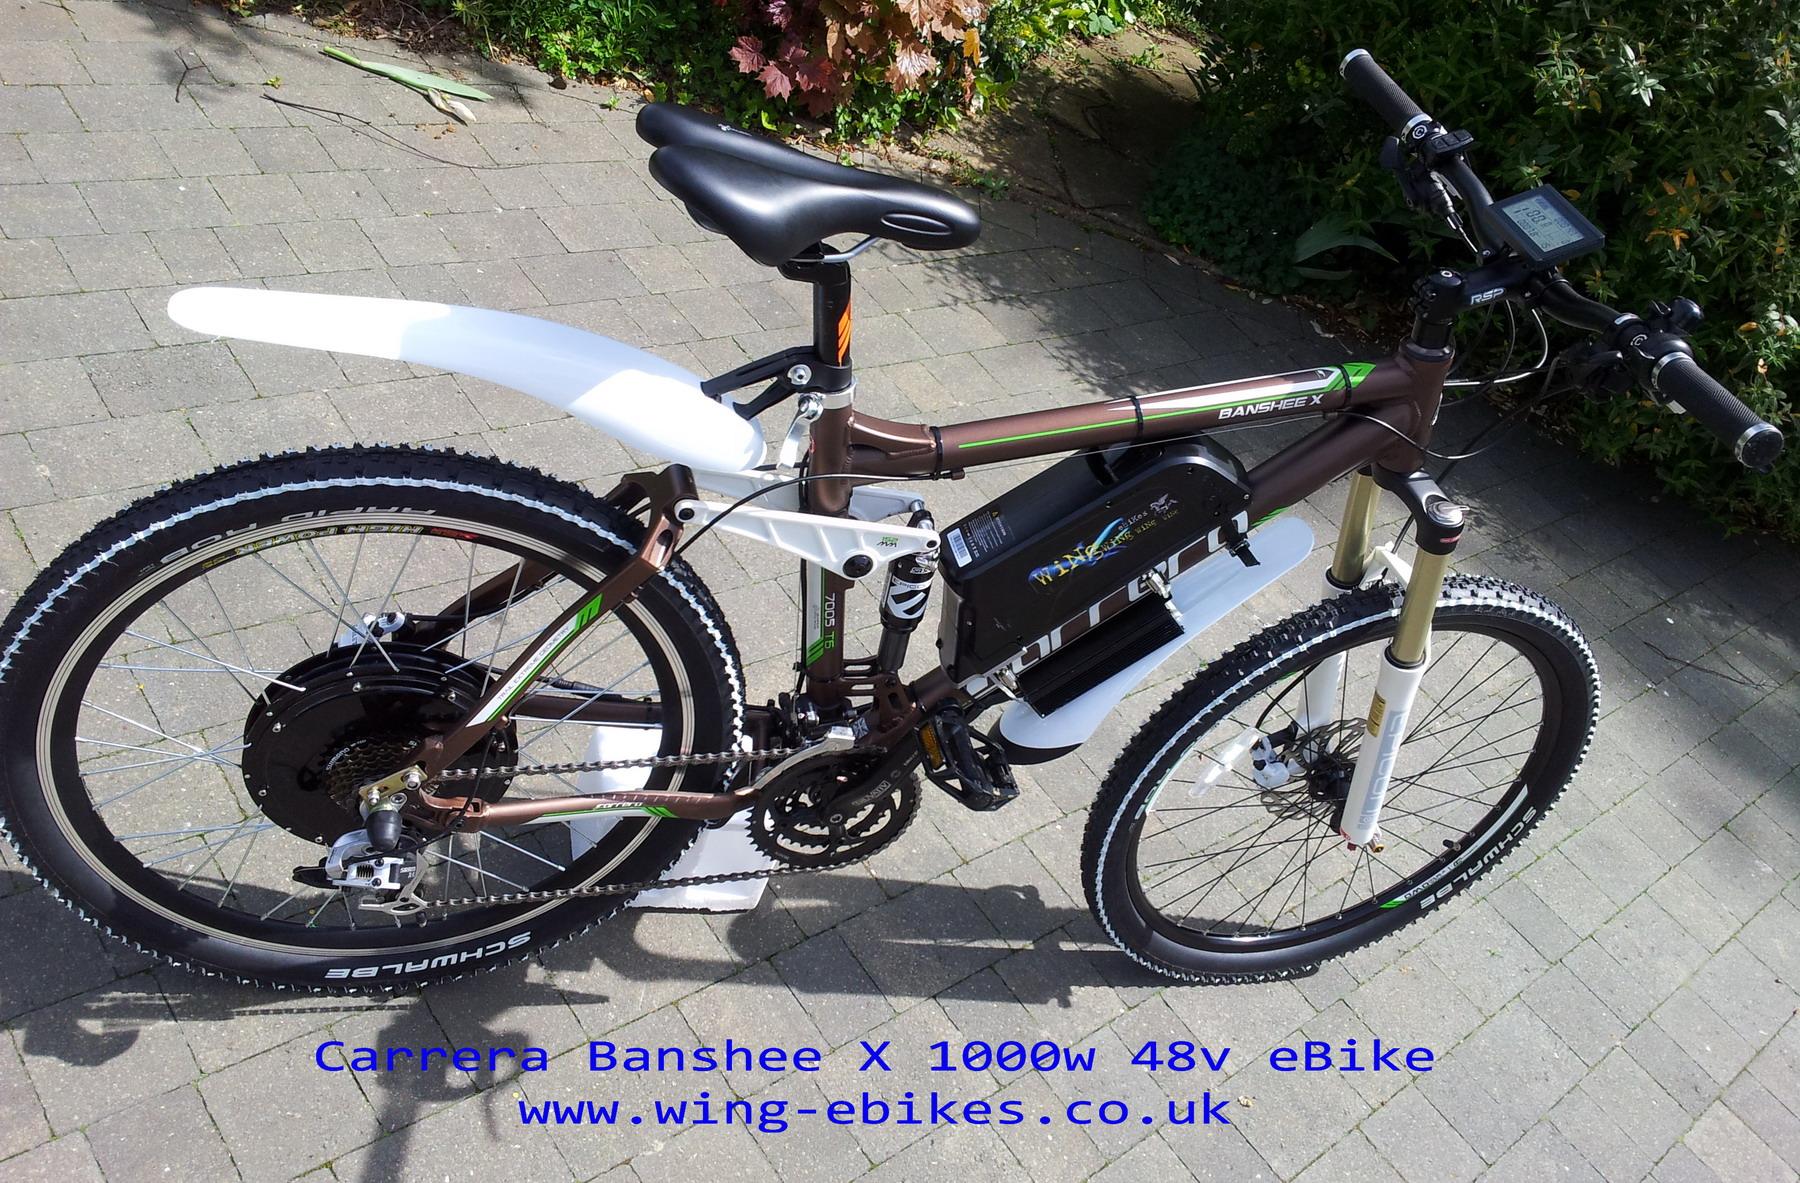 Www Carrera Banshee X Electric Bike 1000w 48v 7